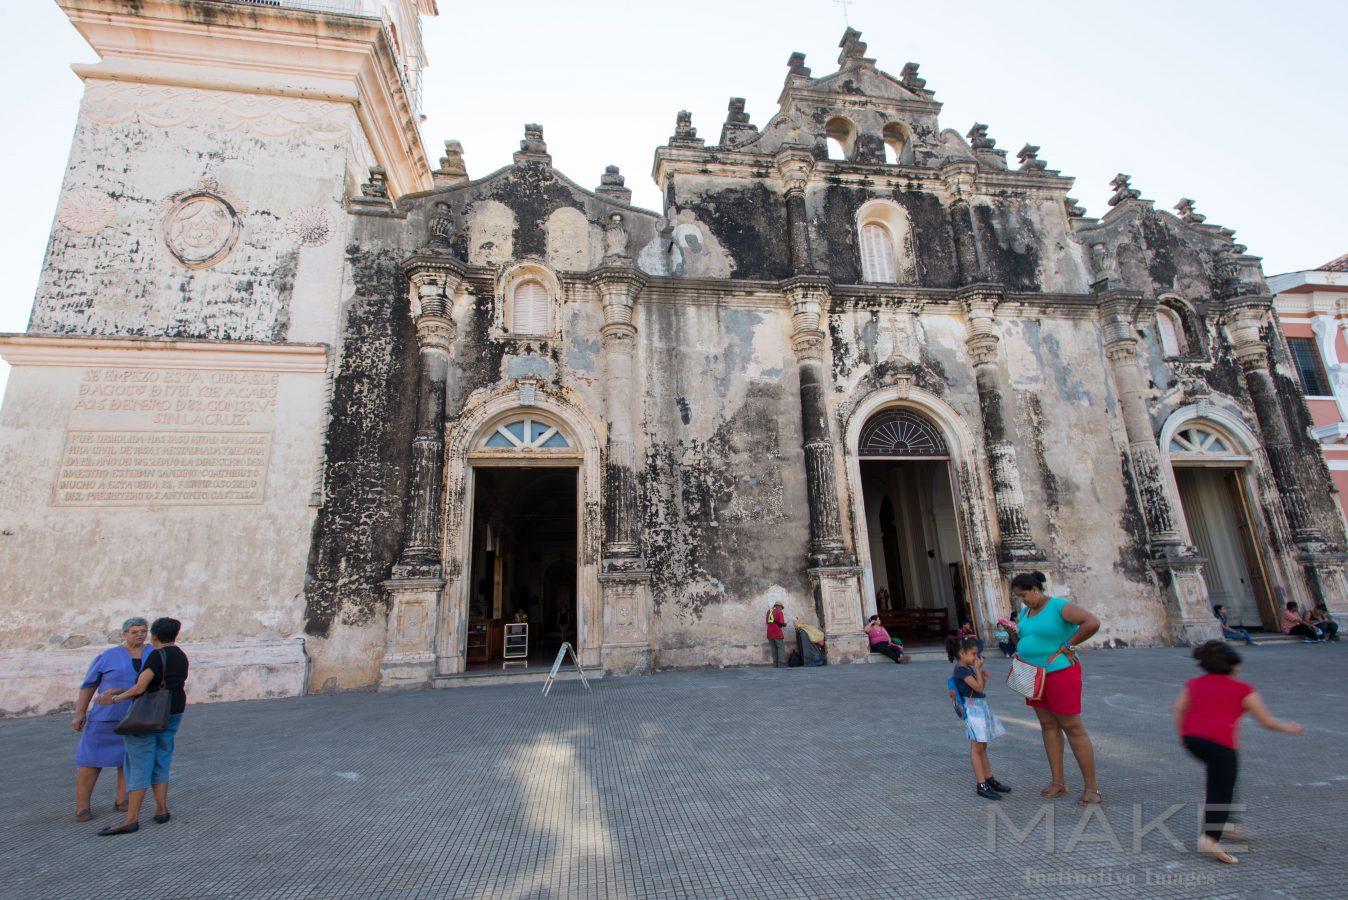 Group-Travel-Photography-Nicaragua-5802